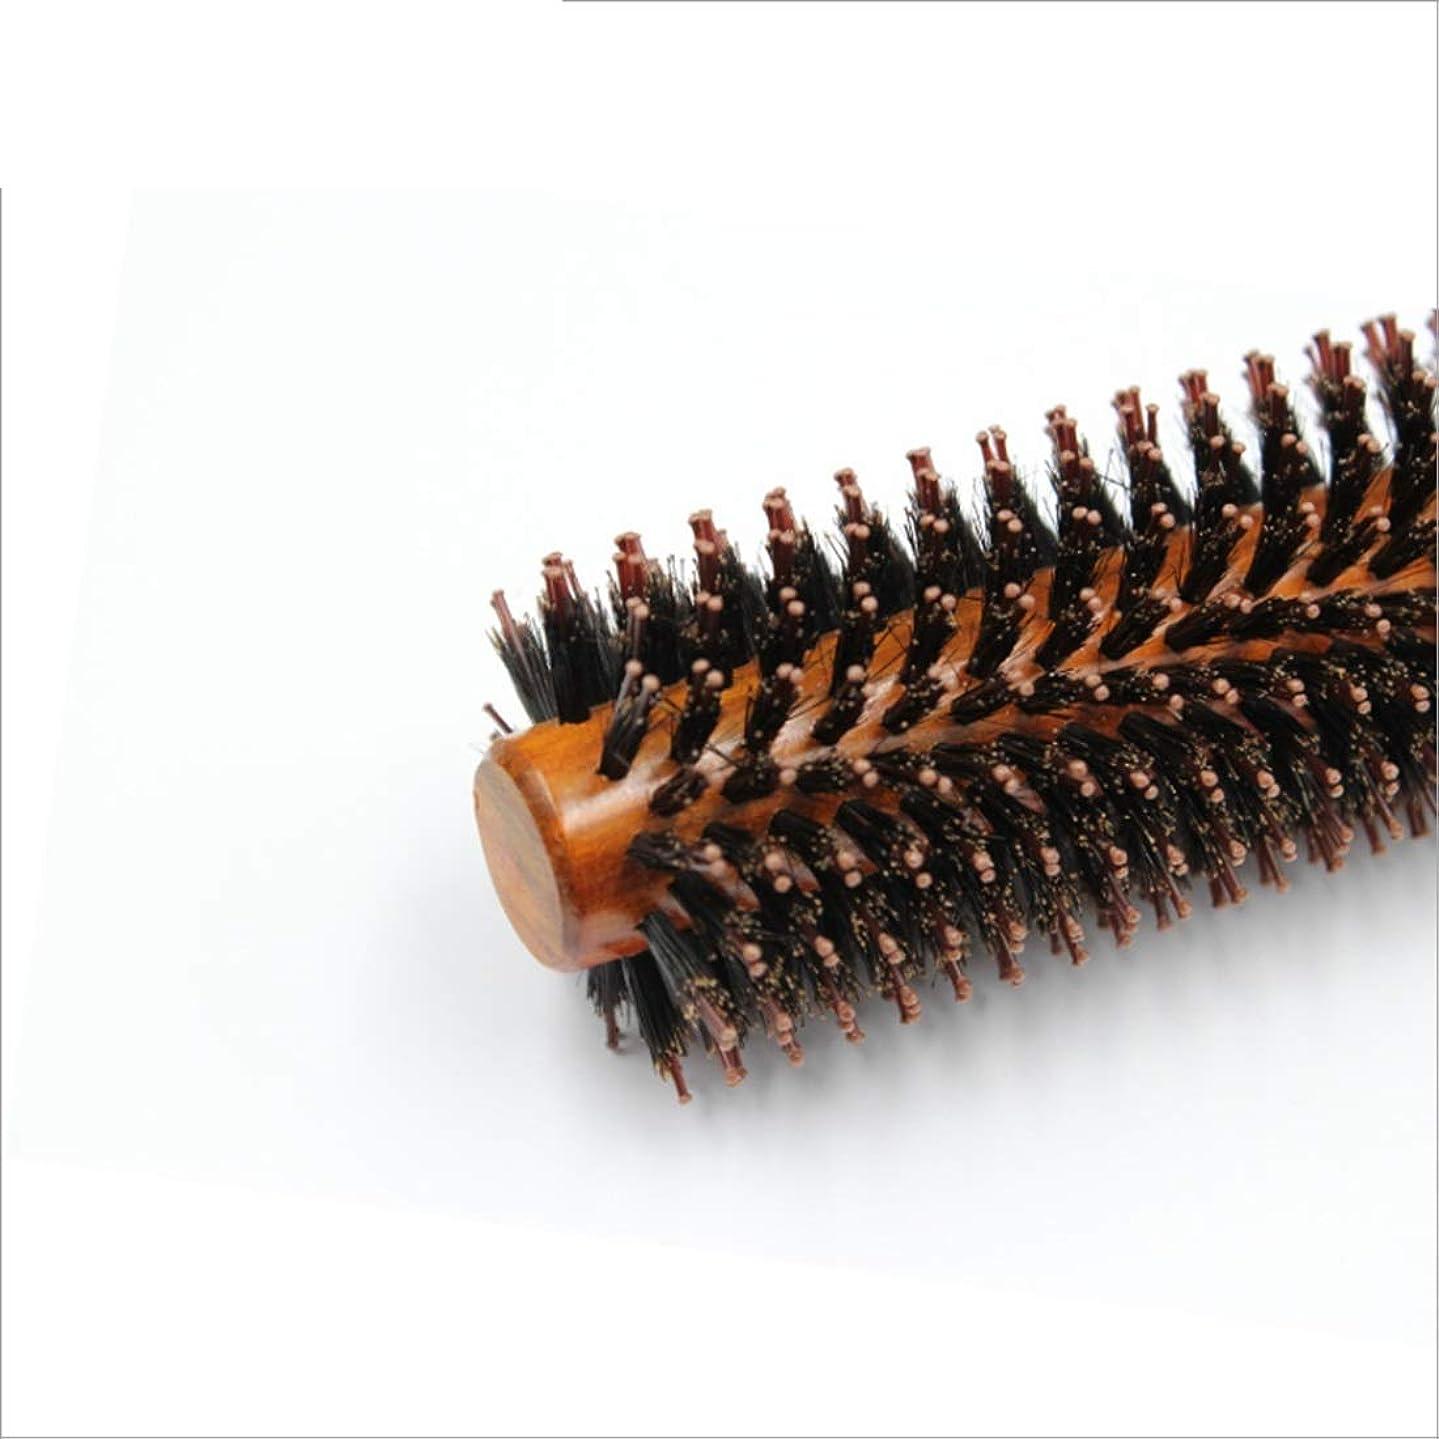 比較的ベアリングサークルありそうラウンドバレルヘアブラシ剛毛ヘアカーリング&ストレートくし乾燥、カーリング&矯正、パーフェクトボリューム&シャイン長26cm モデリングツール (サイズ : L)